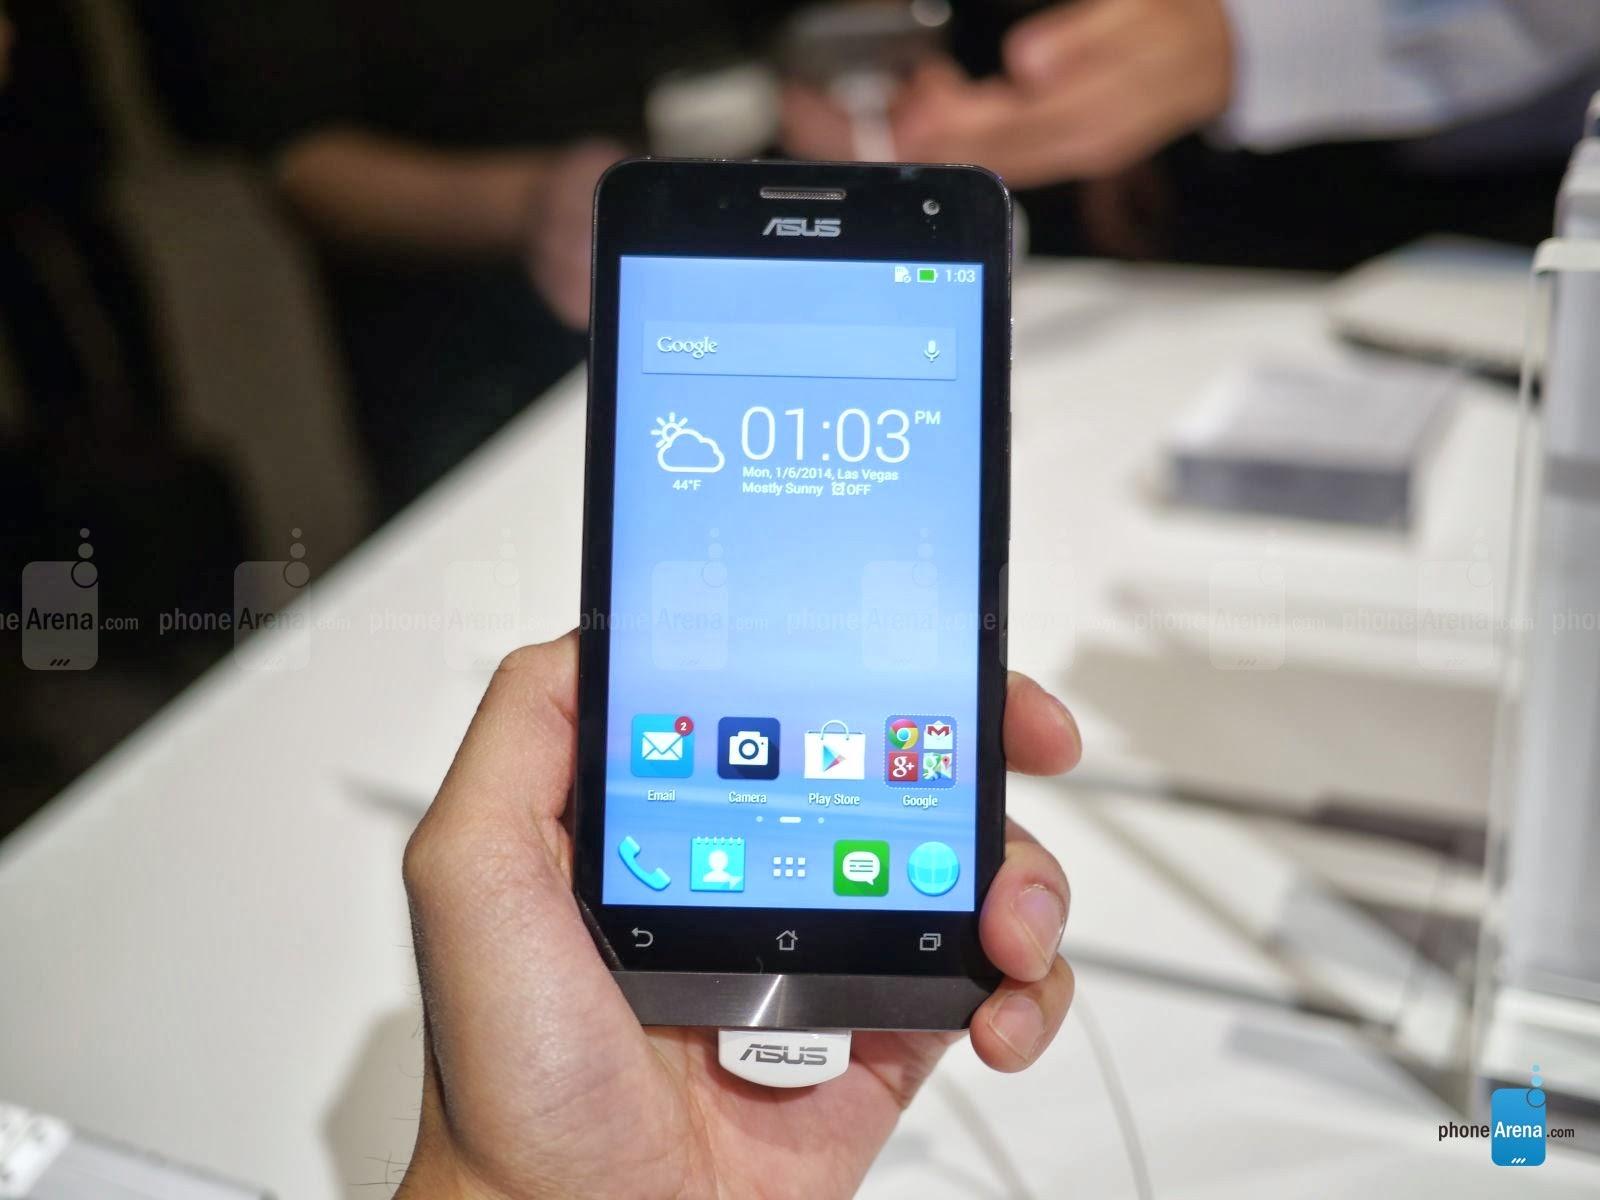 Spesifikasi dan Harga Asus Zenfone 5 Terbaru 2014